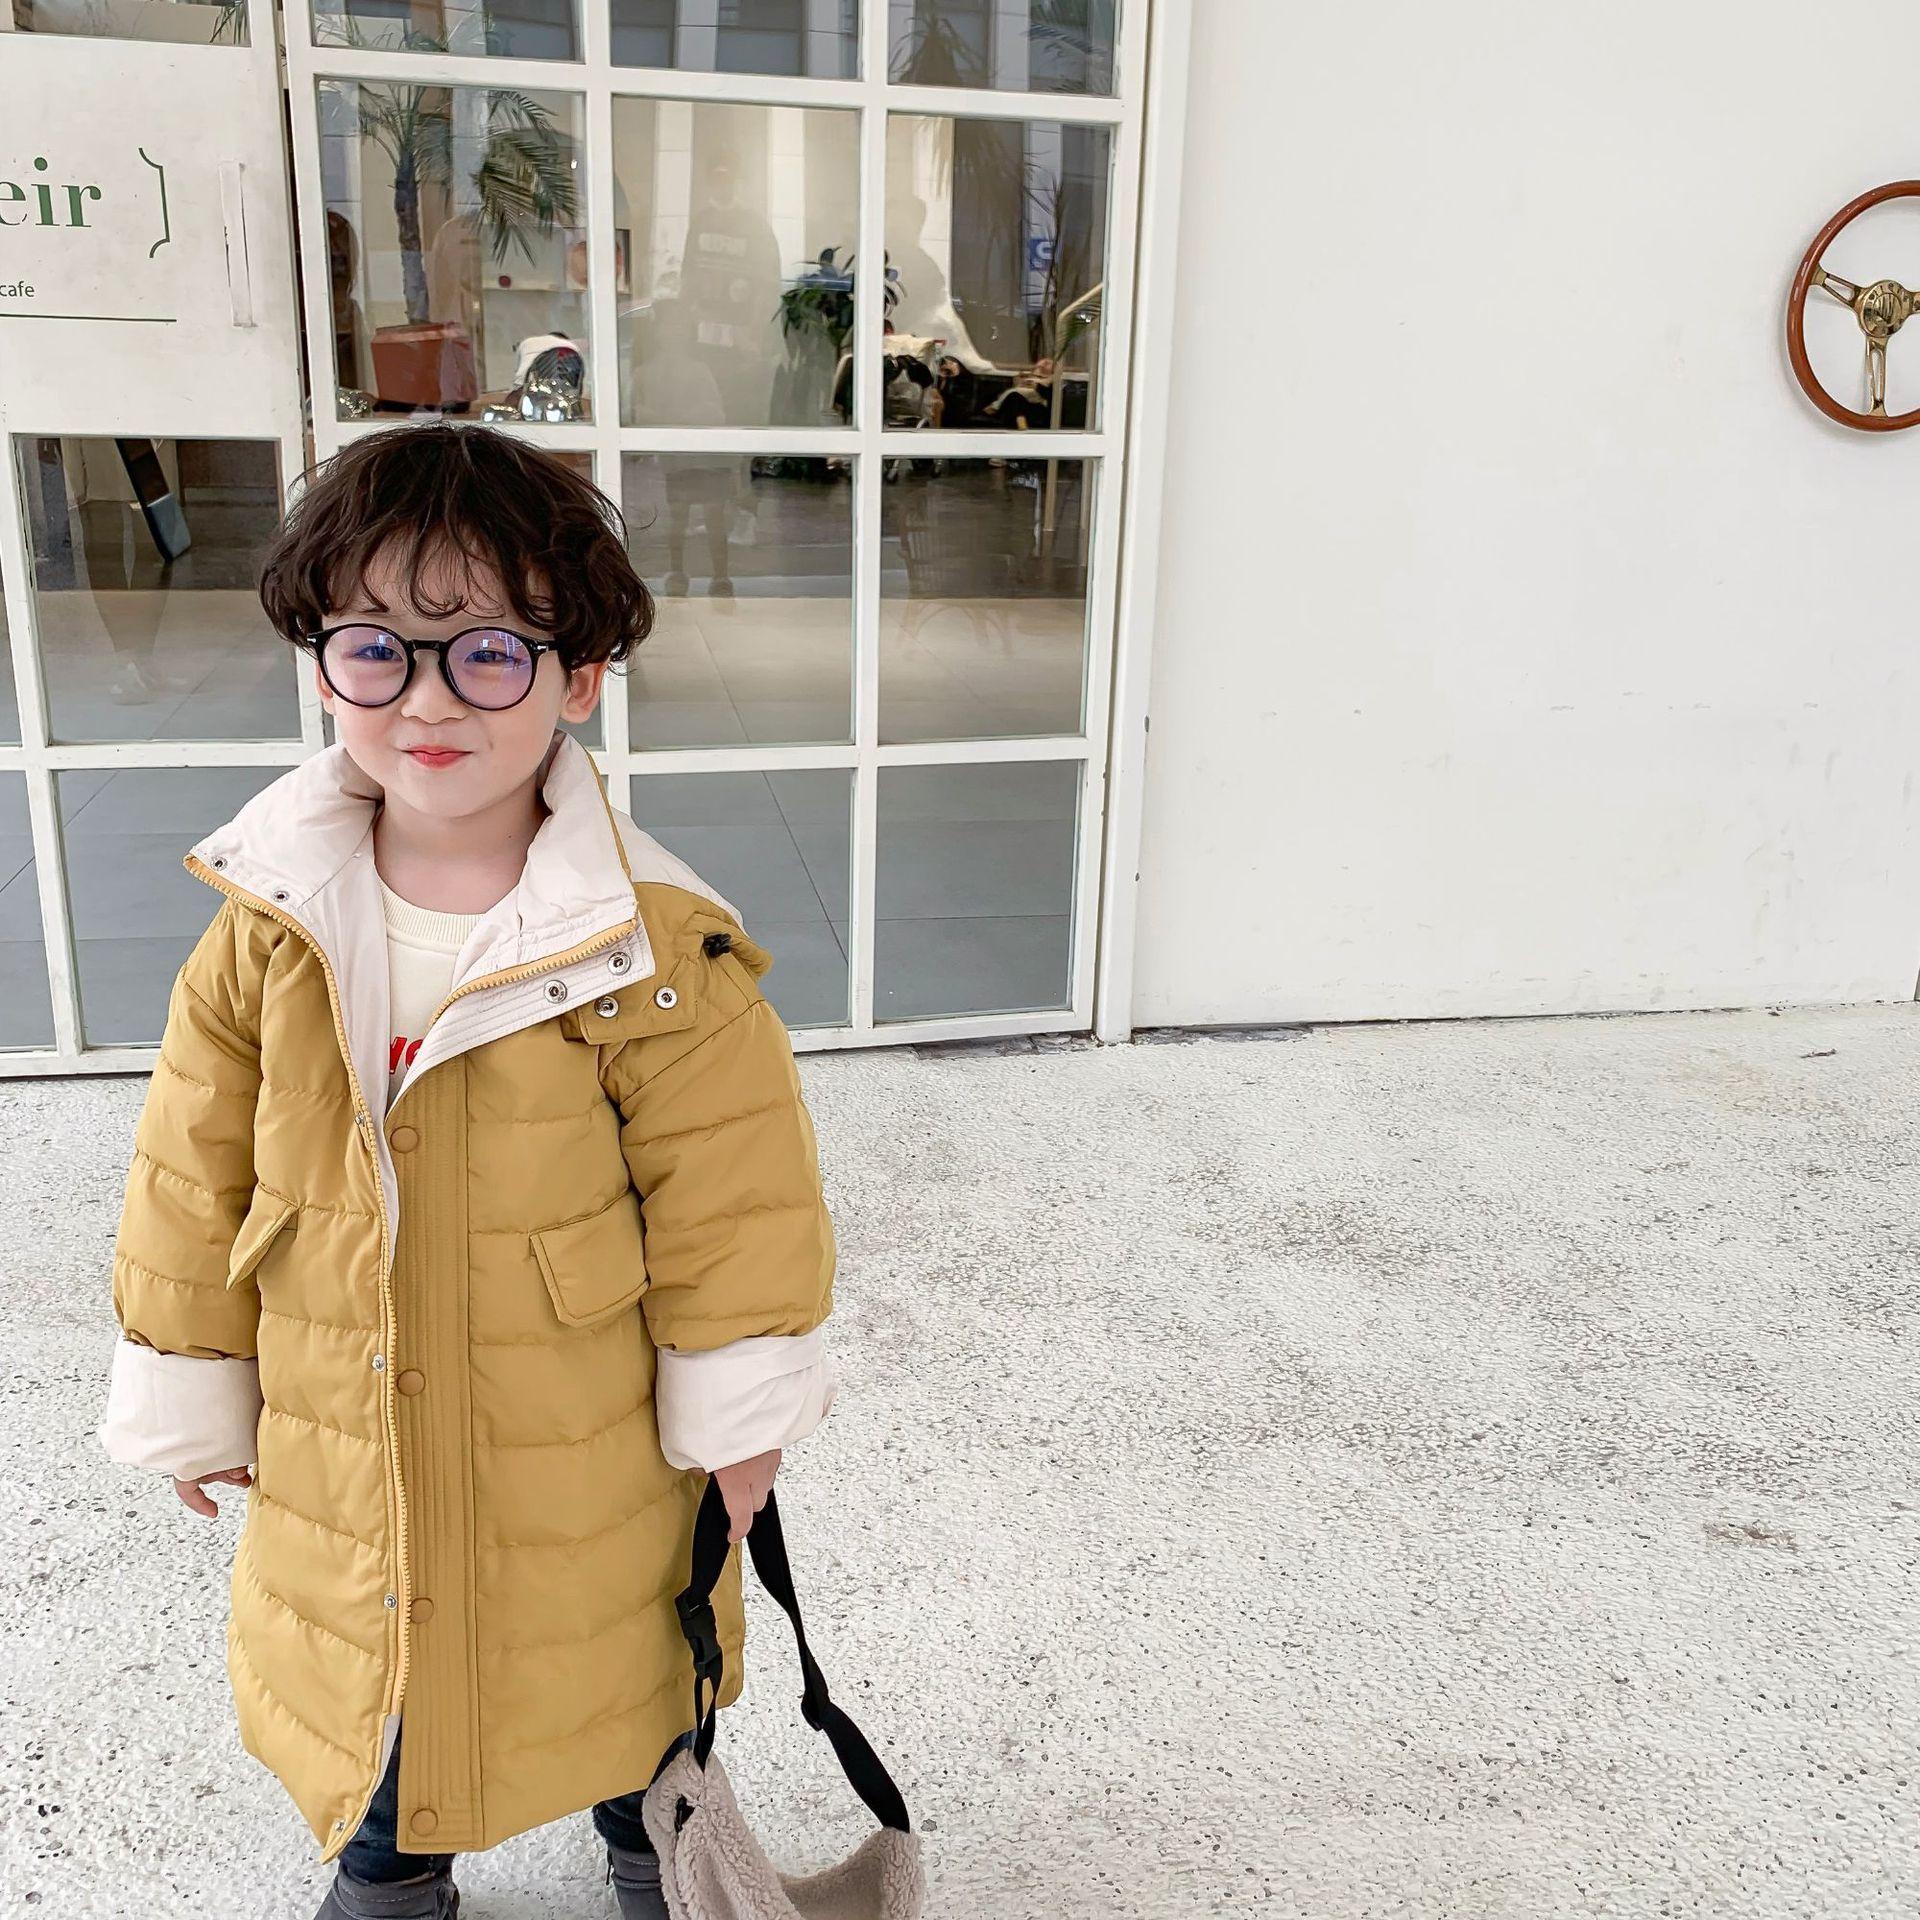 2019 Çocuk ler Pantolon 'Çocuk s Giyim Kış Yeni Kore Sürüm' Rüzgar Dayanıklı aşağı Ceket Coat Y200831 Isınma